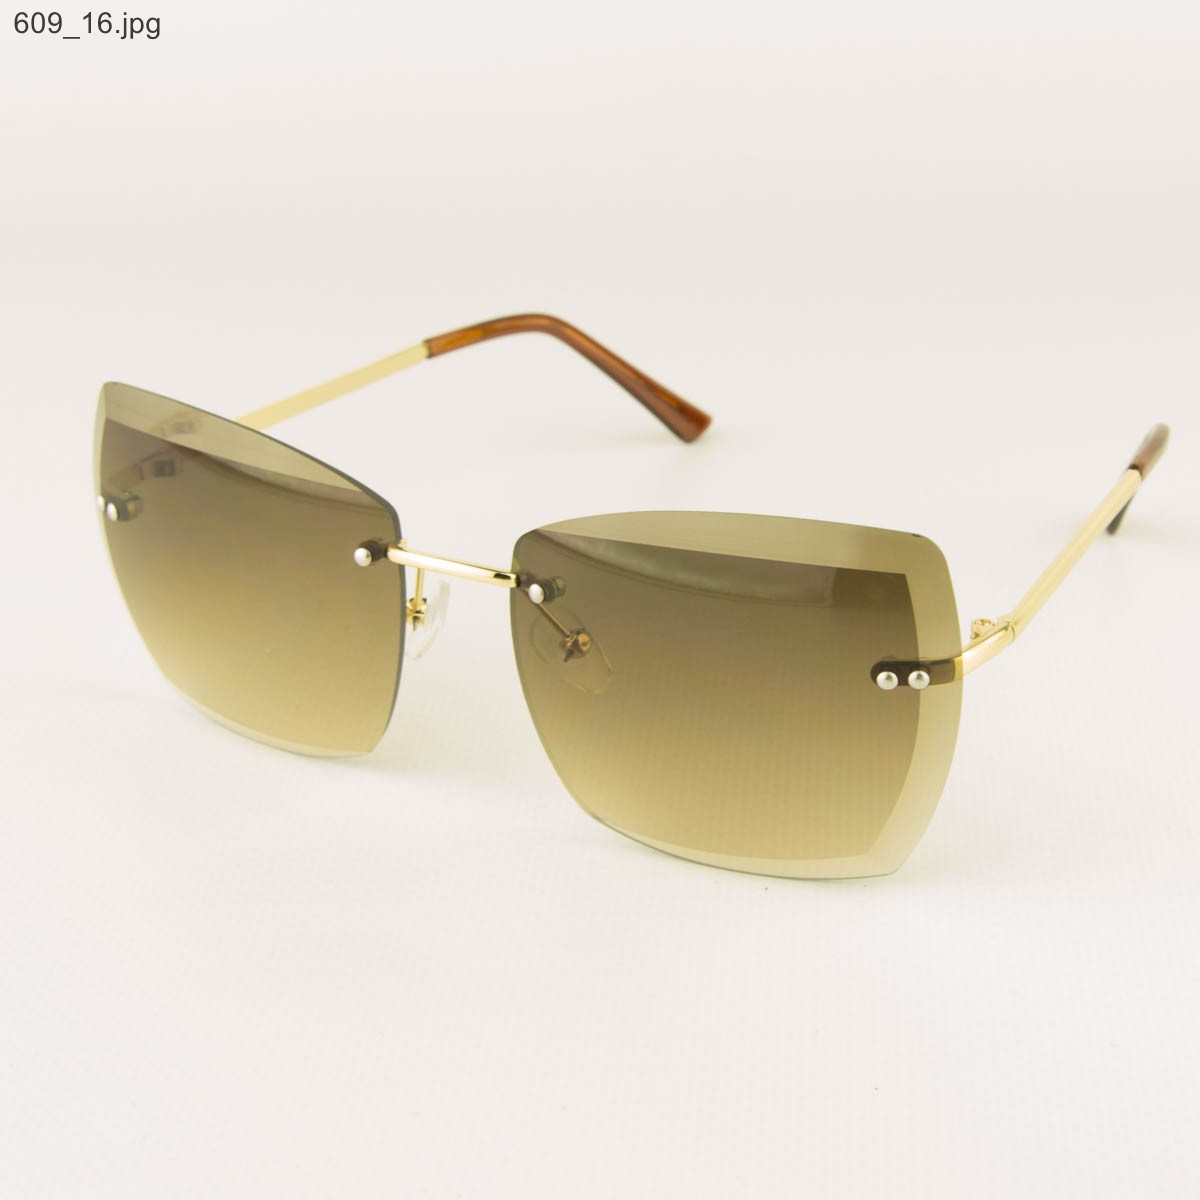 Солнцезащитные квадратные женские очки с коричневыми линзами - 609, фото 1